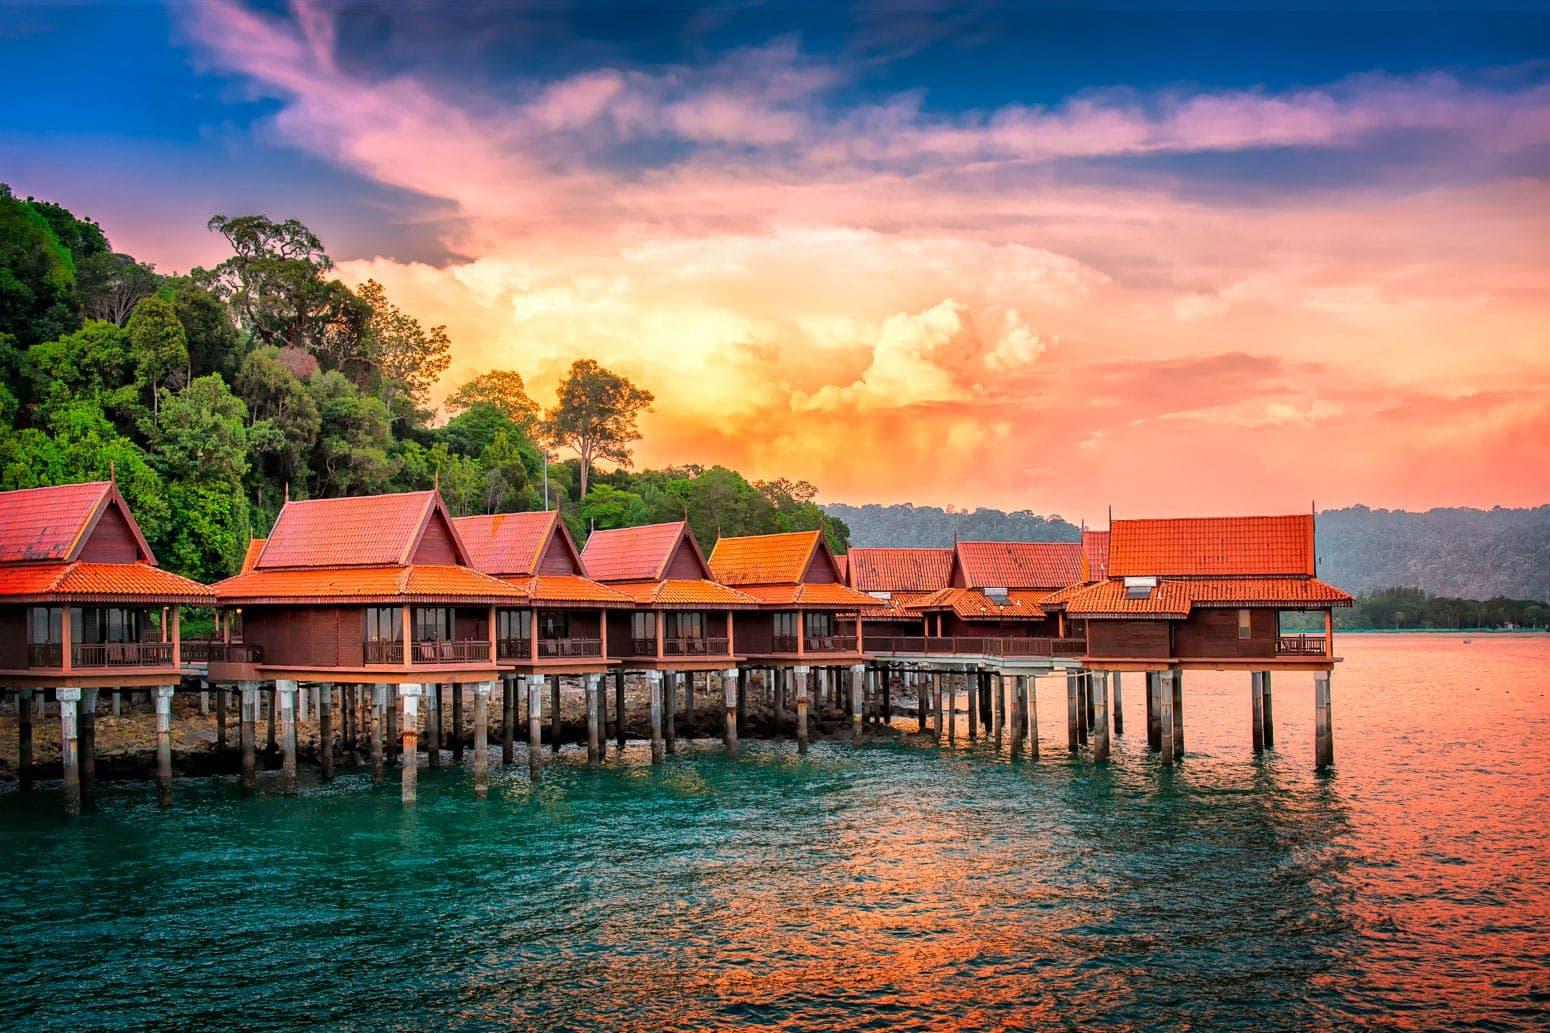 Wasserbungalows auf Langkawi, Malaysia. Berjaya Langkawi Resort unter dramatischem Himmel.